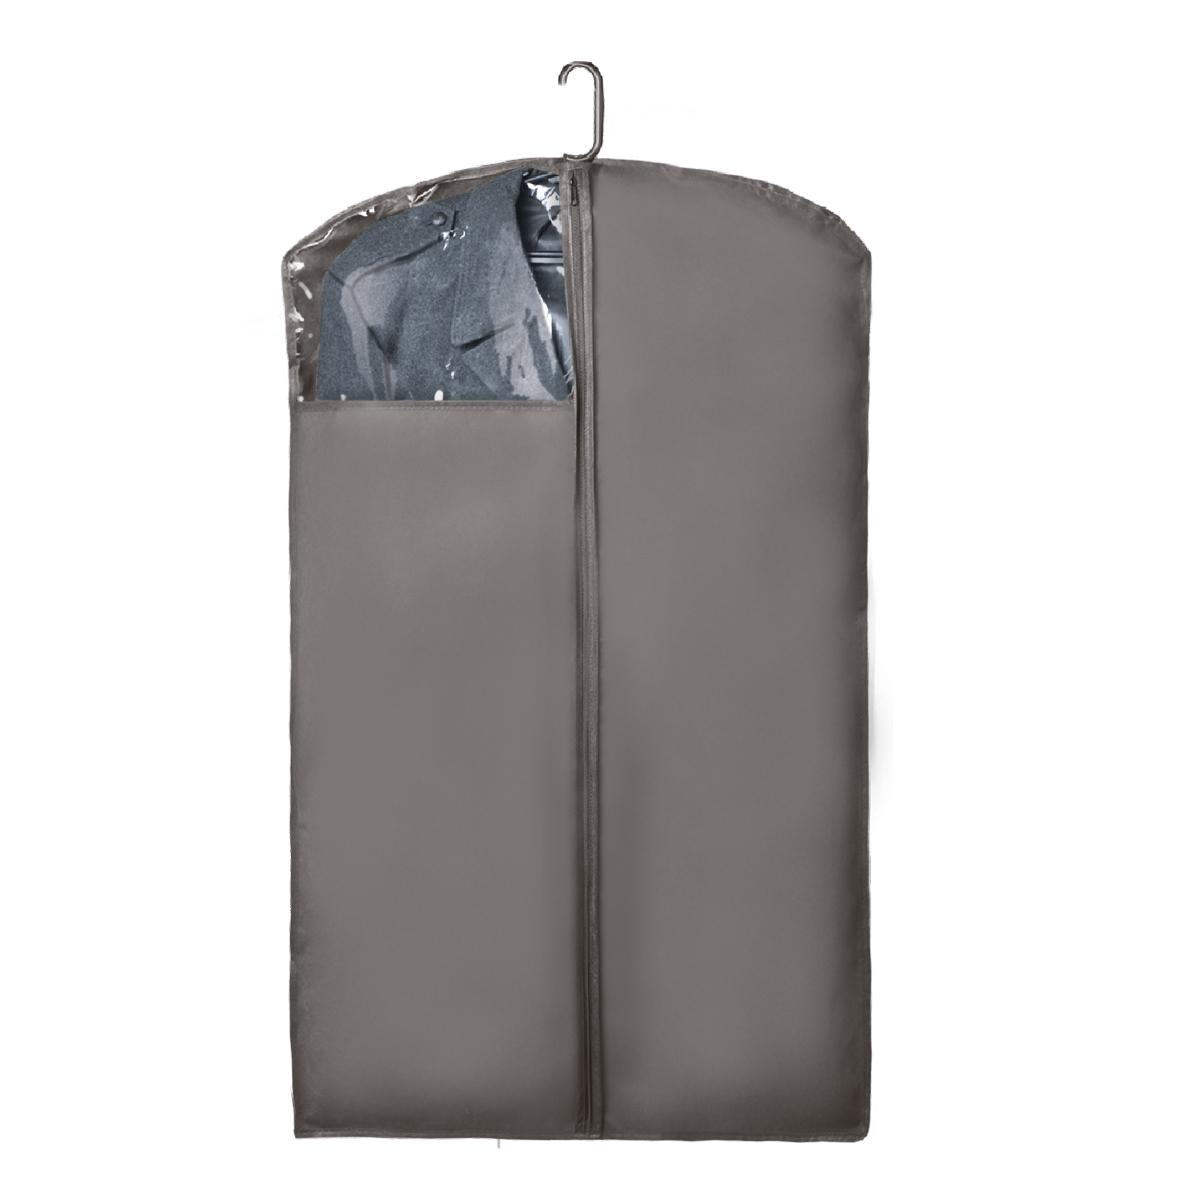 Чехол для верхней одежды Miolla, с окошком, цвет: серый, 100 х 60 смCHL-1-5Чехол для верхней одежды Miolla на застежке-молнии выполнен из высококачественного нетканого материала. Прозрачное полиэтиленовое окошко позволяет видеть содержимое чехла. Подходит для длительного хранения вещей. Чехол обеспечивает вашей одежде надежную защиту от влажности, повреждений и грязи при транспортировке, от запыления при хранении и проникновения моли. Чехол обладает водоотталкивающими свойствами, а также позволяет воздуху свободно поступать внутрь вещей, обеспечивая их кондиционирование. Это особенно важно при хранении кожаных и меховых изделий. Размер чехла: 100 х 60 см.